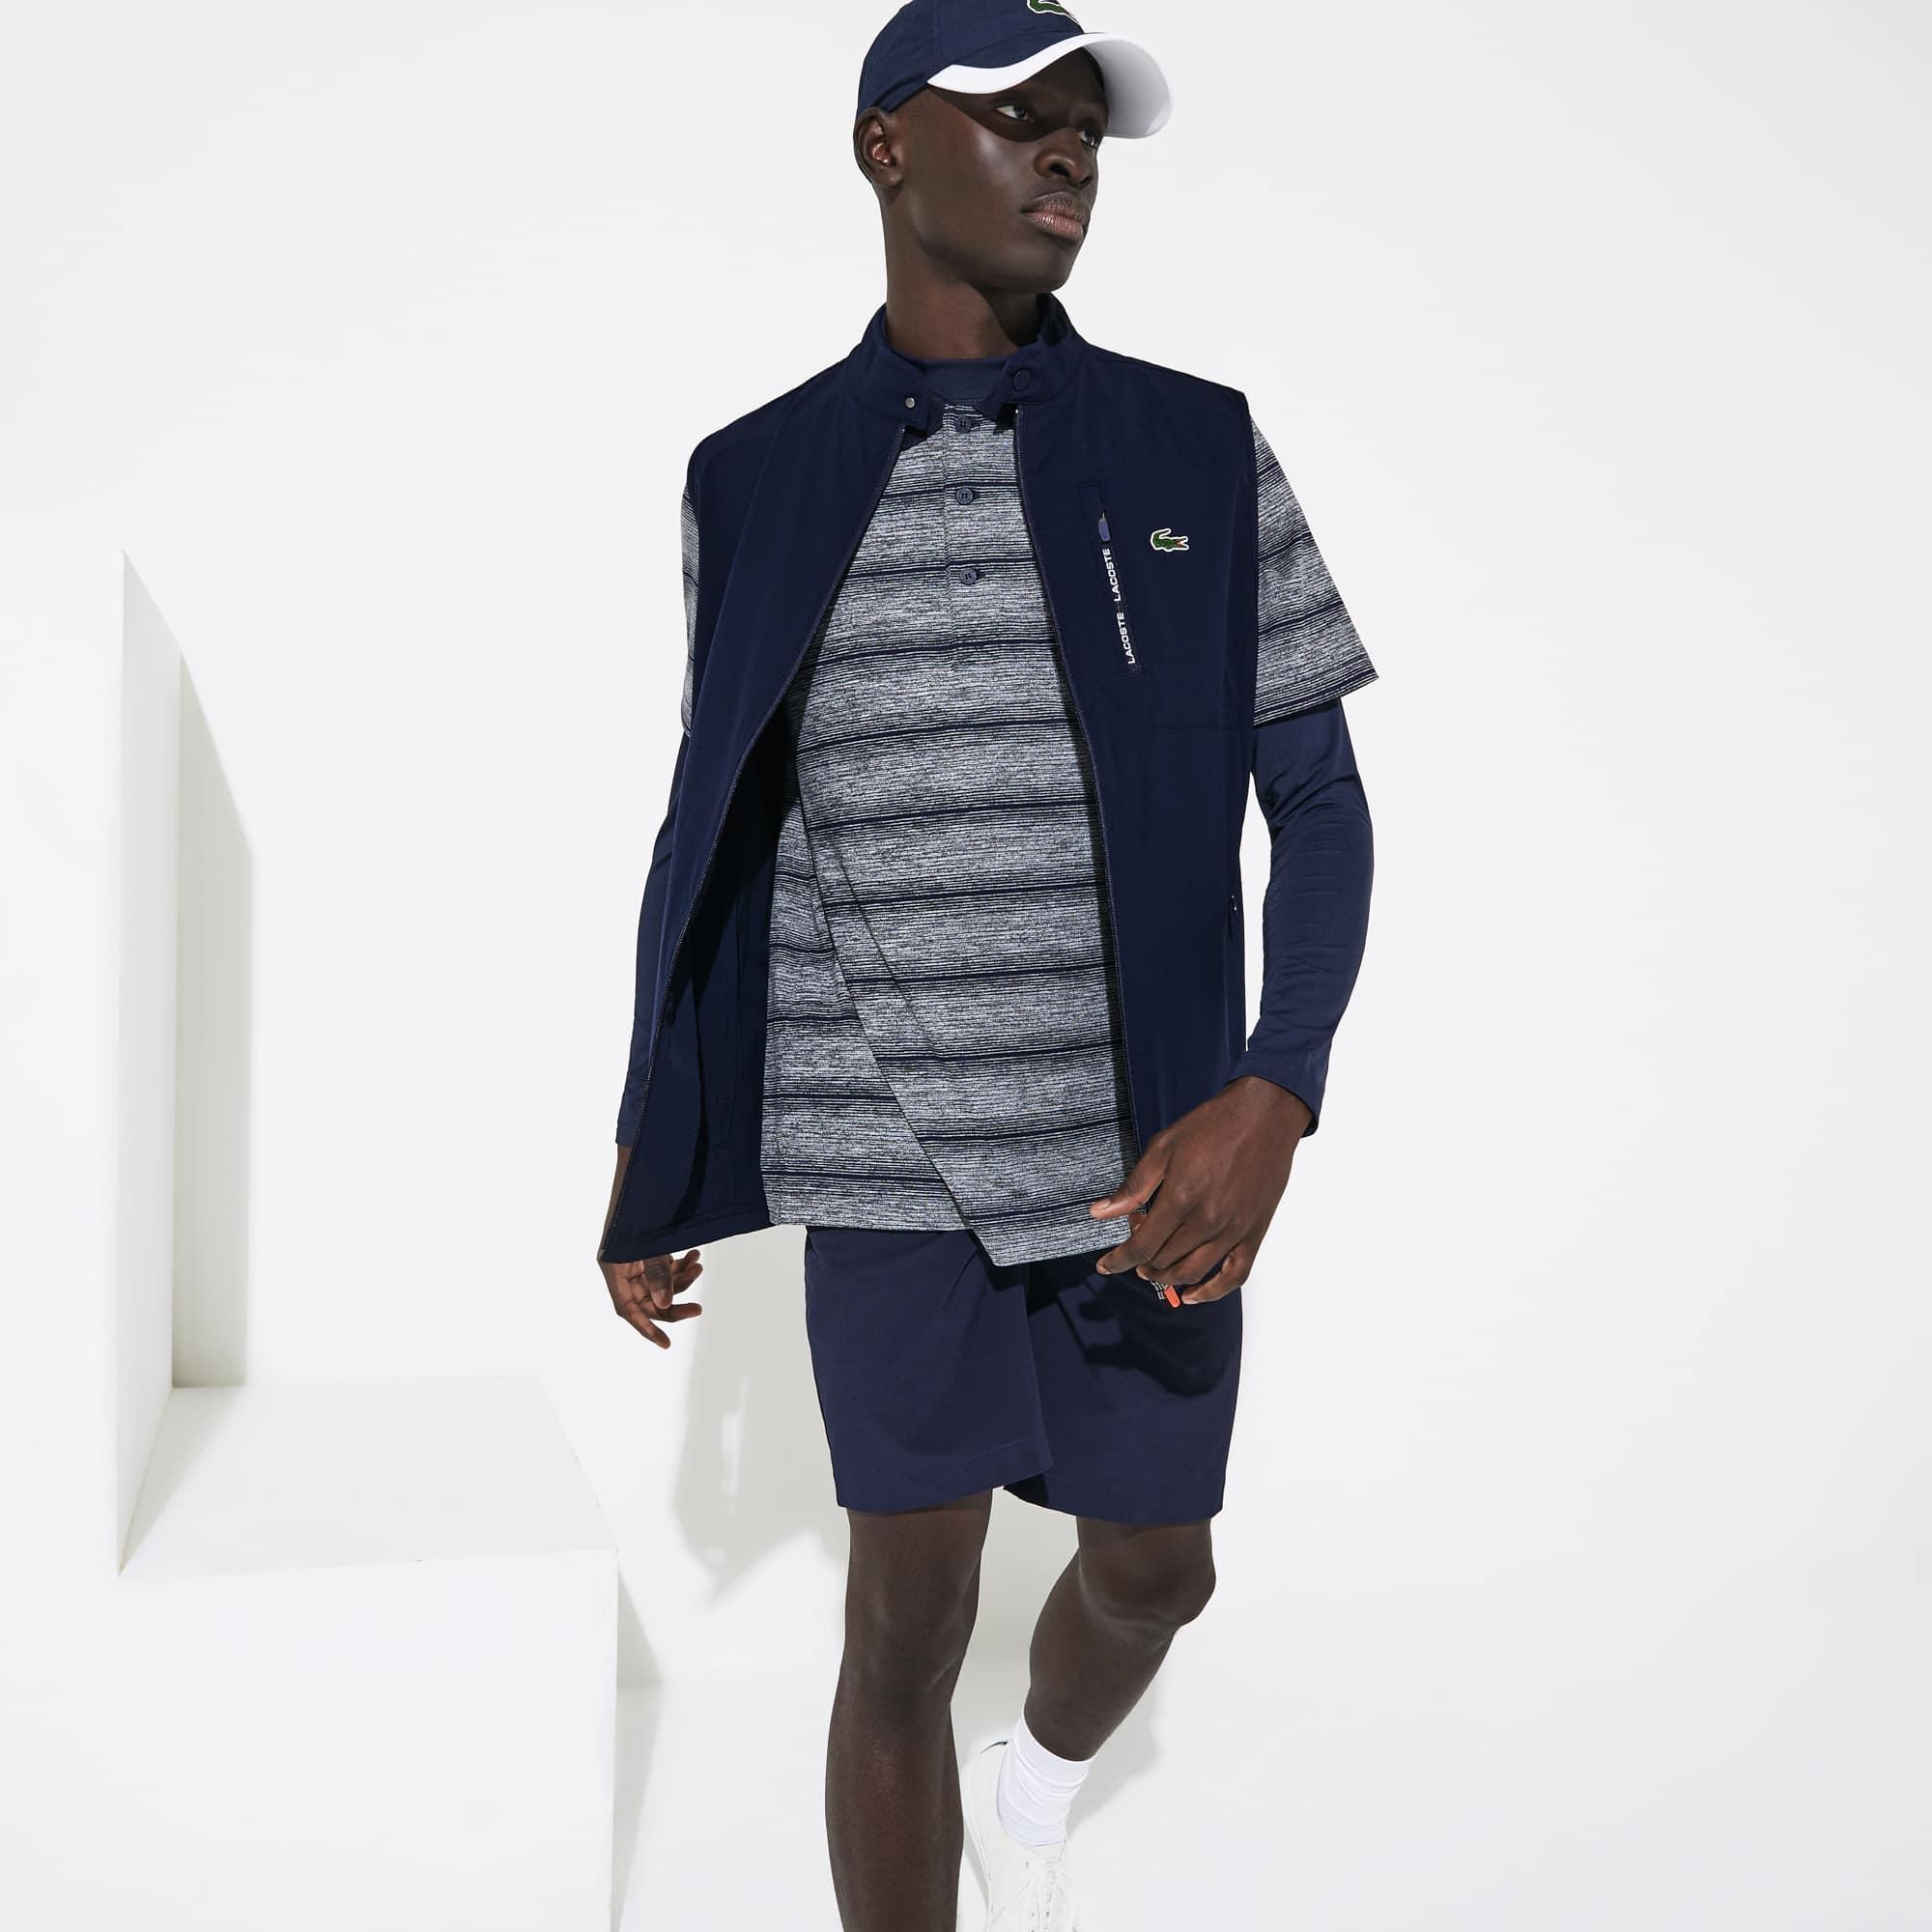 라코스테 스포츠 경량 발수 골프 조끼 Lacoste Mens SPORT Lightweight Water-Resistant Golf Vest,Navy Blue / Red XVF